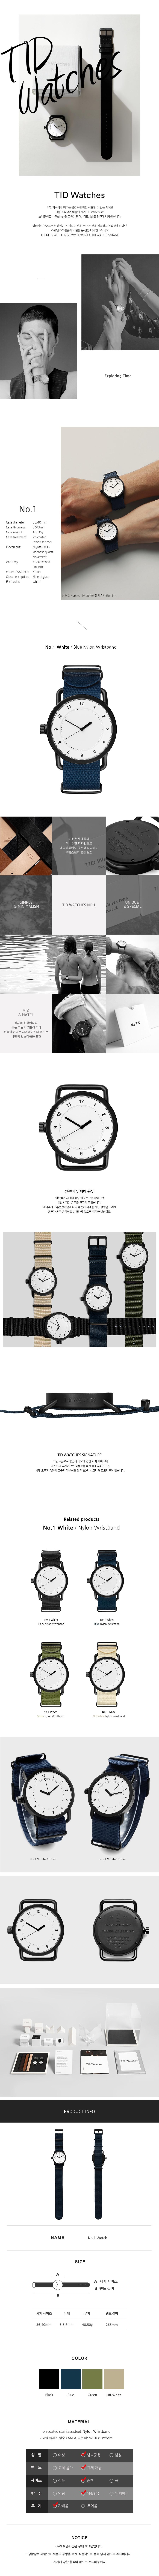 티아이디(TID) No.1 White / Blue Nylon Wristband 40mm36mm 남여공용